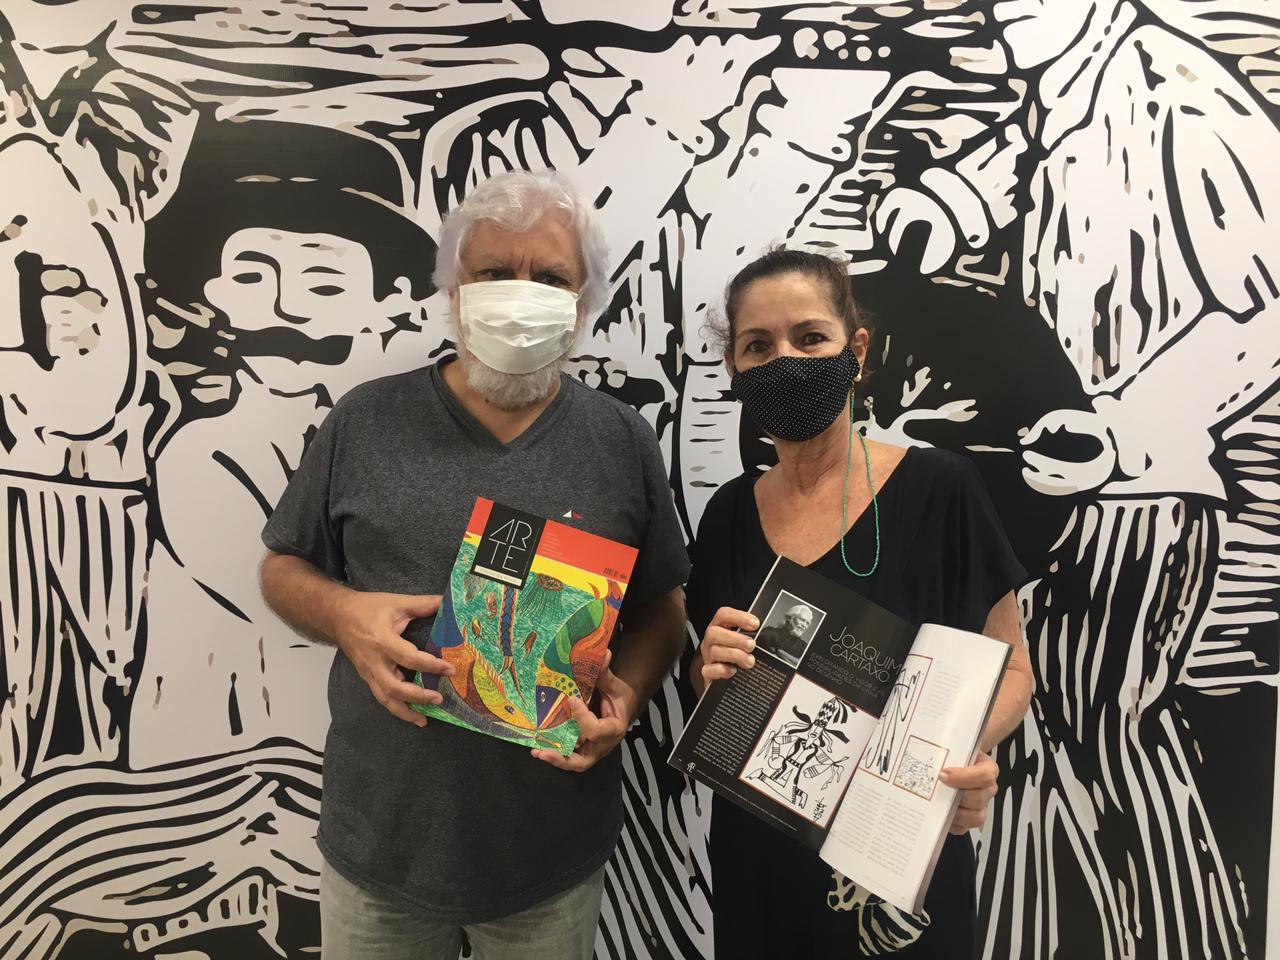 Lilian Quinderé entrega pessoalmente a nova edição da Revista Arte à Joaquim Cartaxo